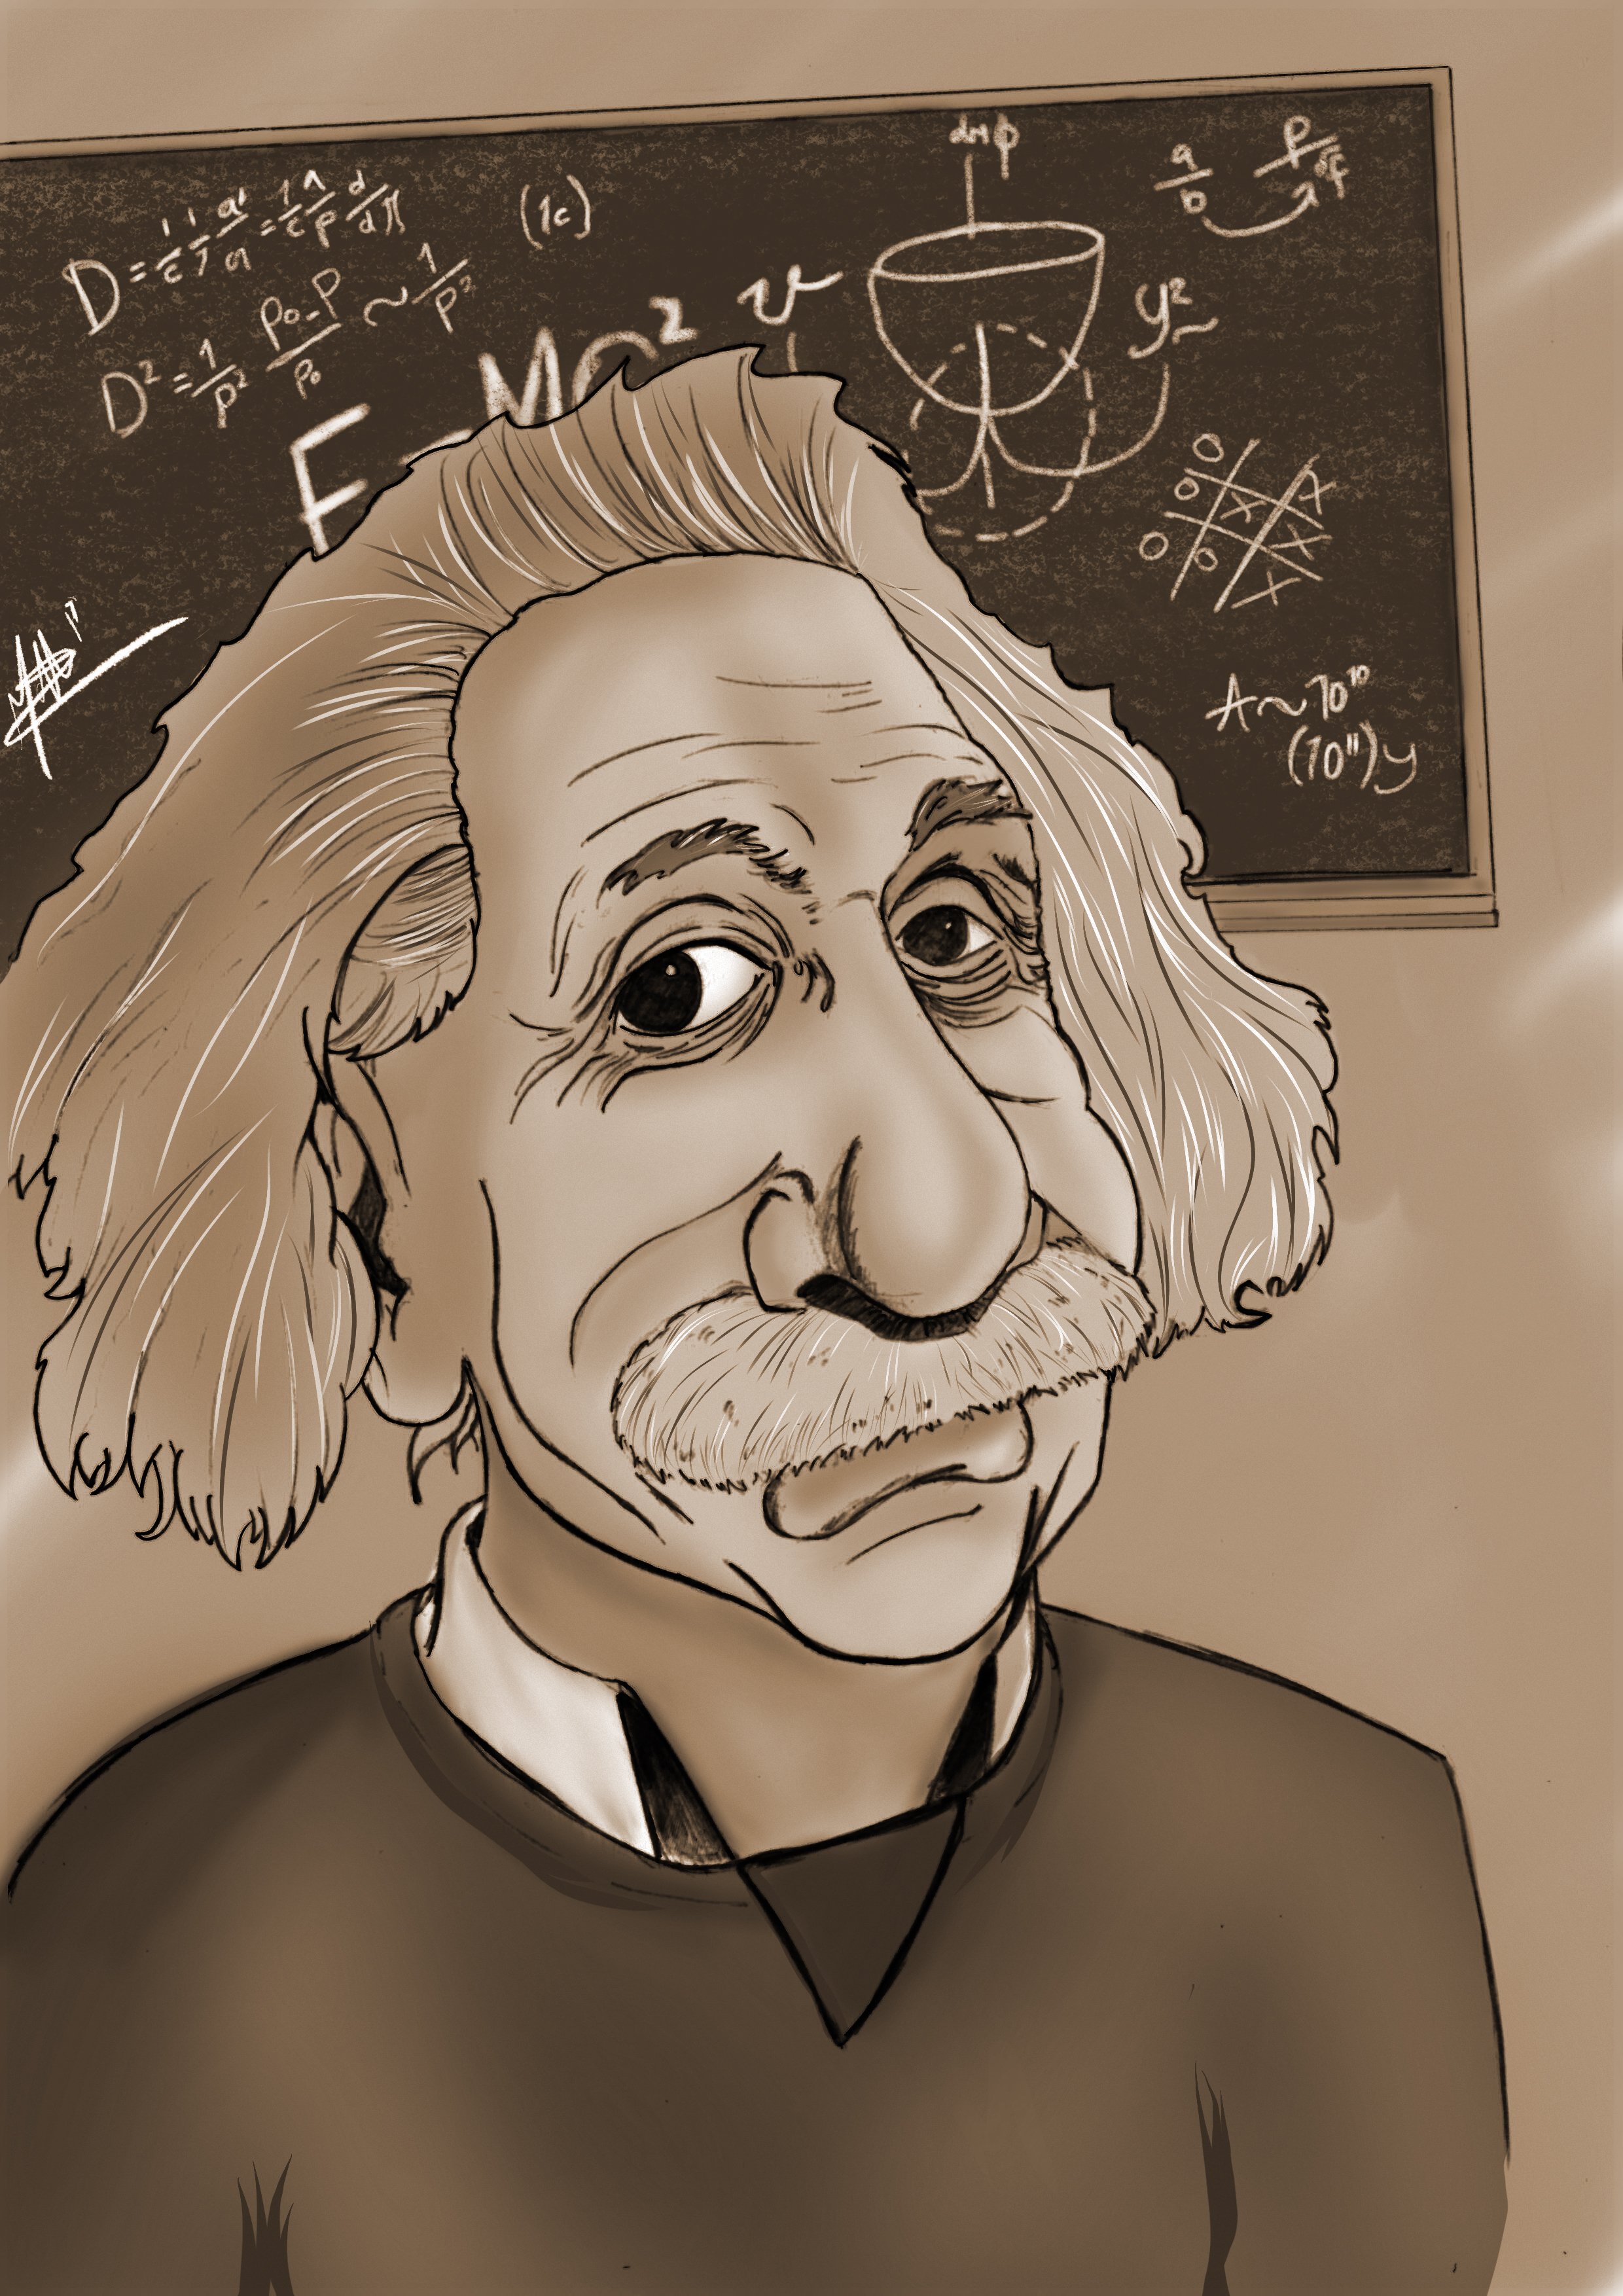 Einsteiney